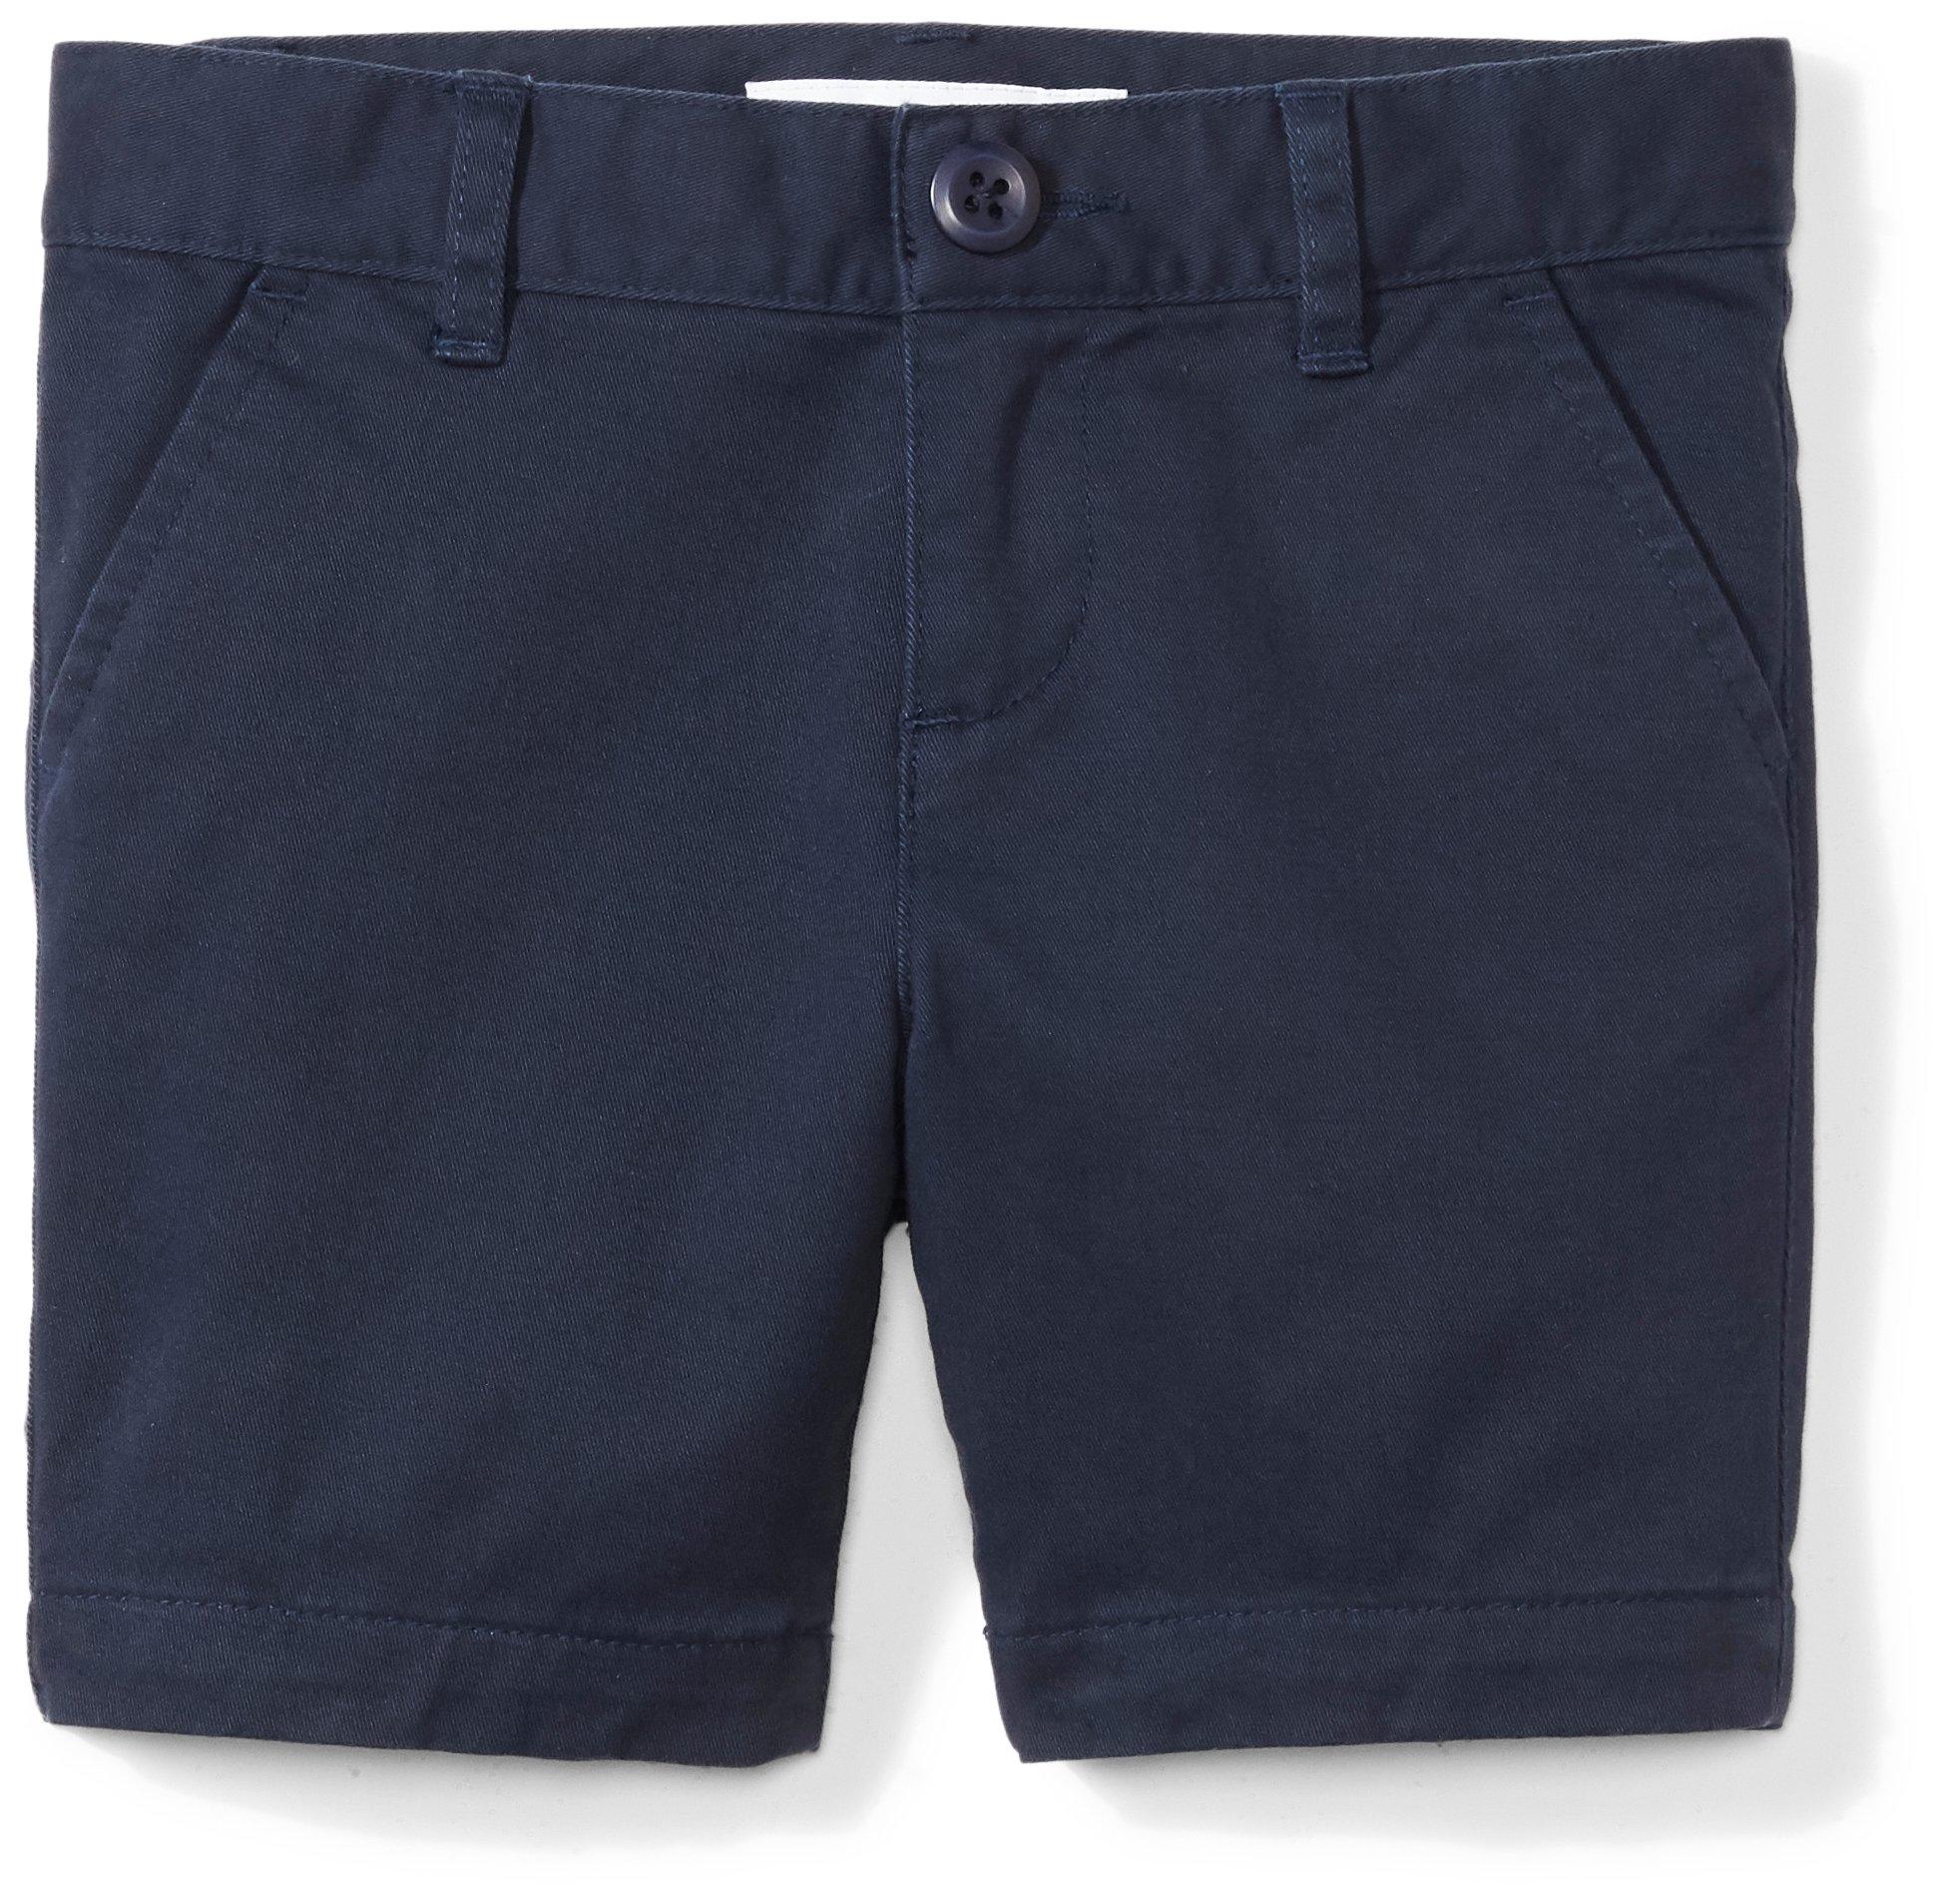 Amazon Essentials Girls' Uniform Short, Navy Blazer,12